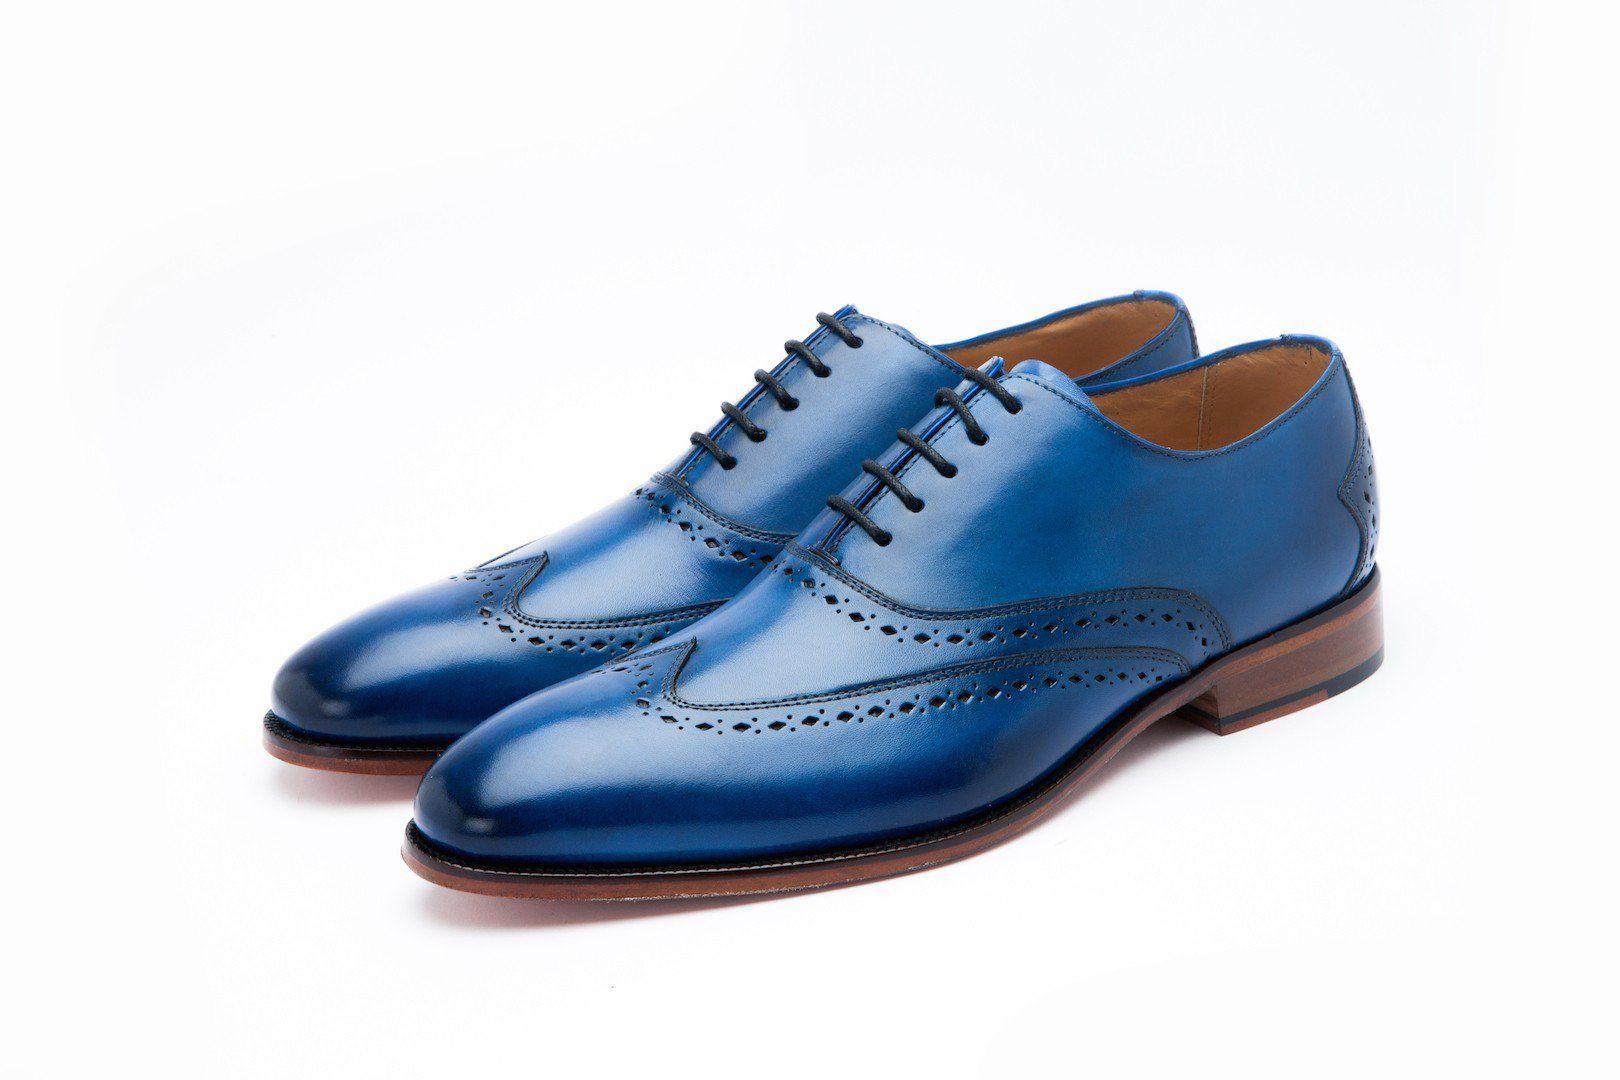 Moustache Store Wingtoe Oxford Blue Mens blue oxford